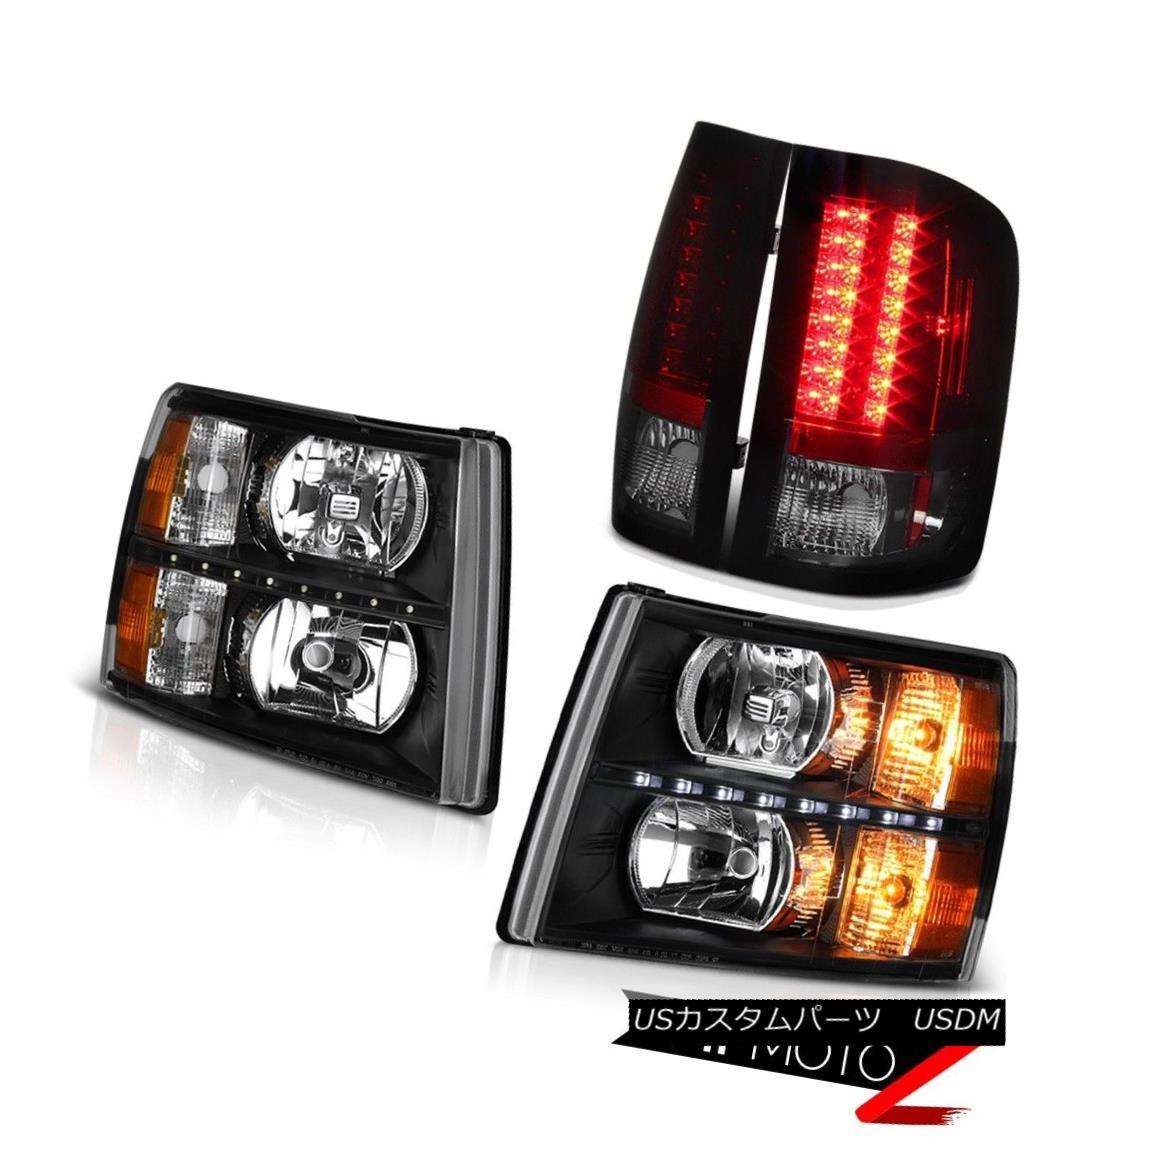 テールライト 07 08 09 10 11 12 13 Silverado LT Tail Brake Lamps Headlamps LED DRL